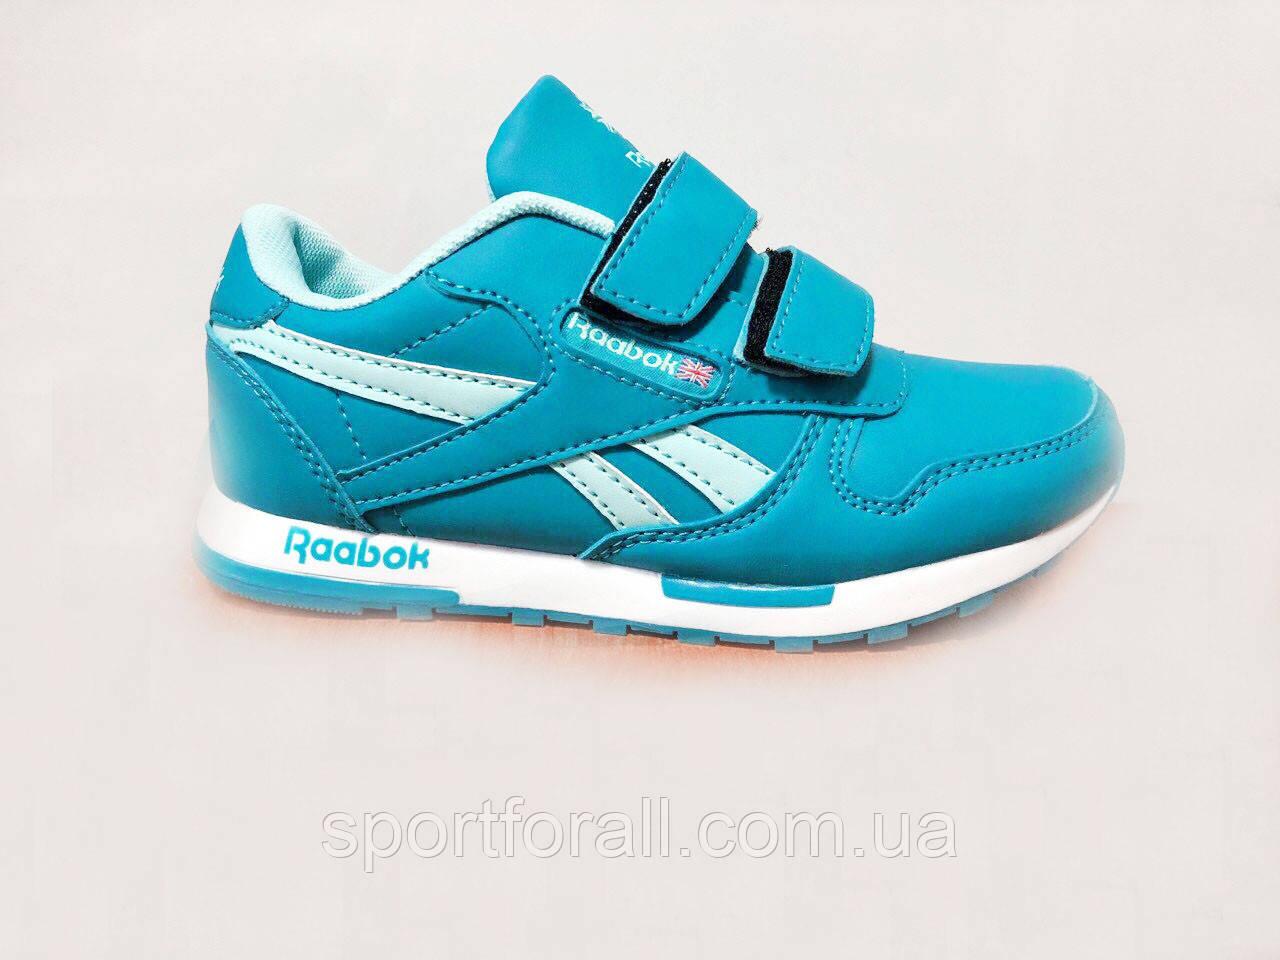 Детские кроссовки Reebok  р 31-35 C55-7